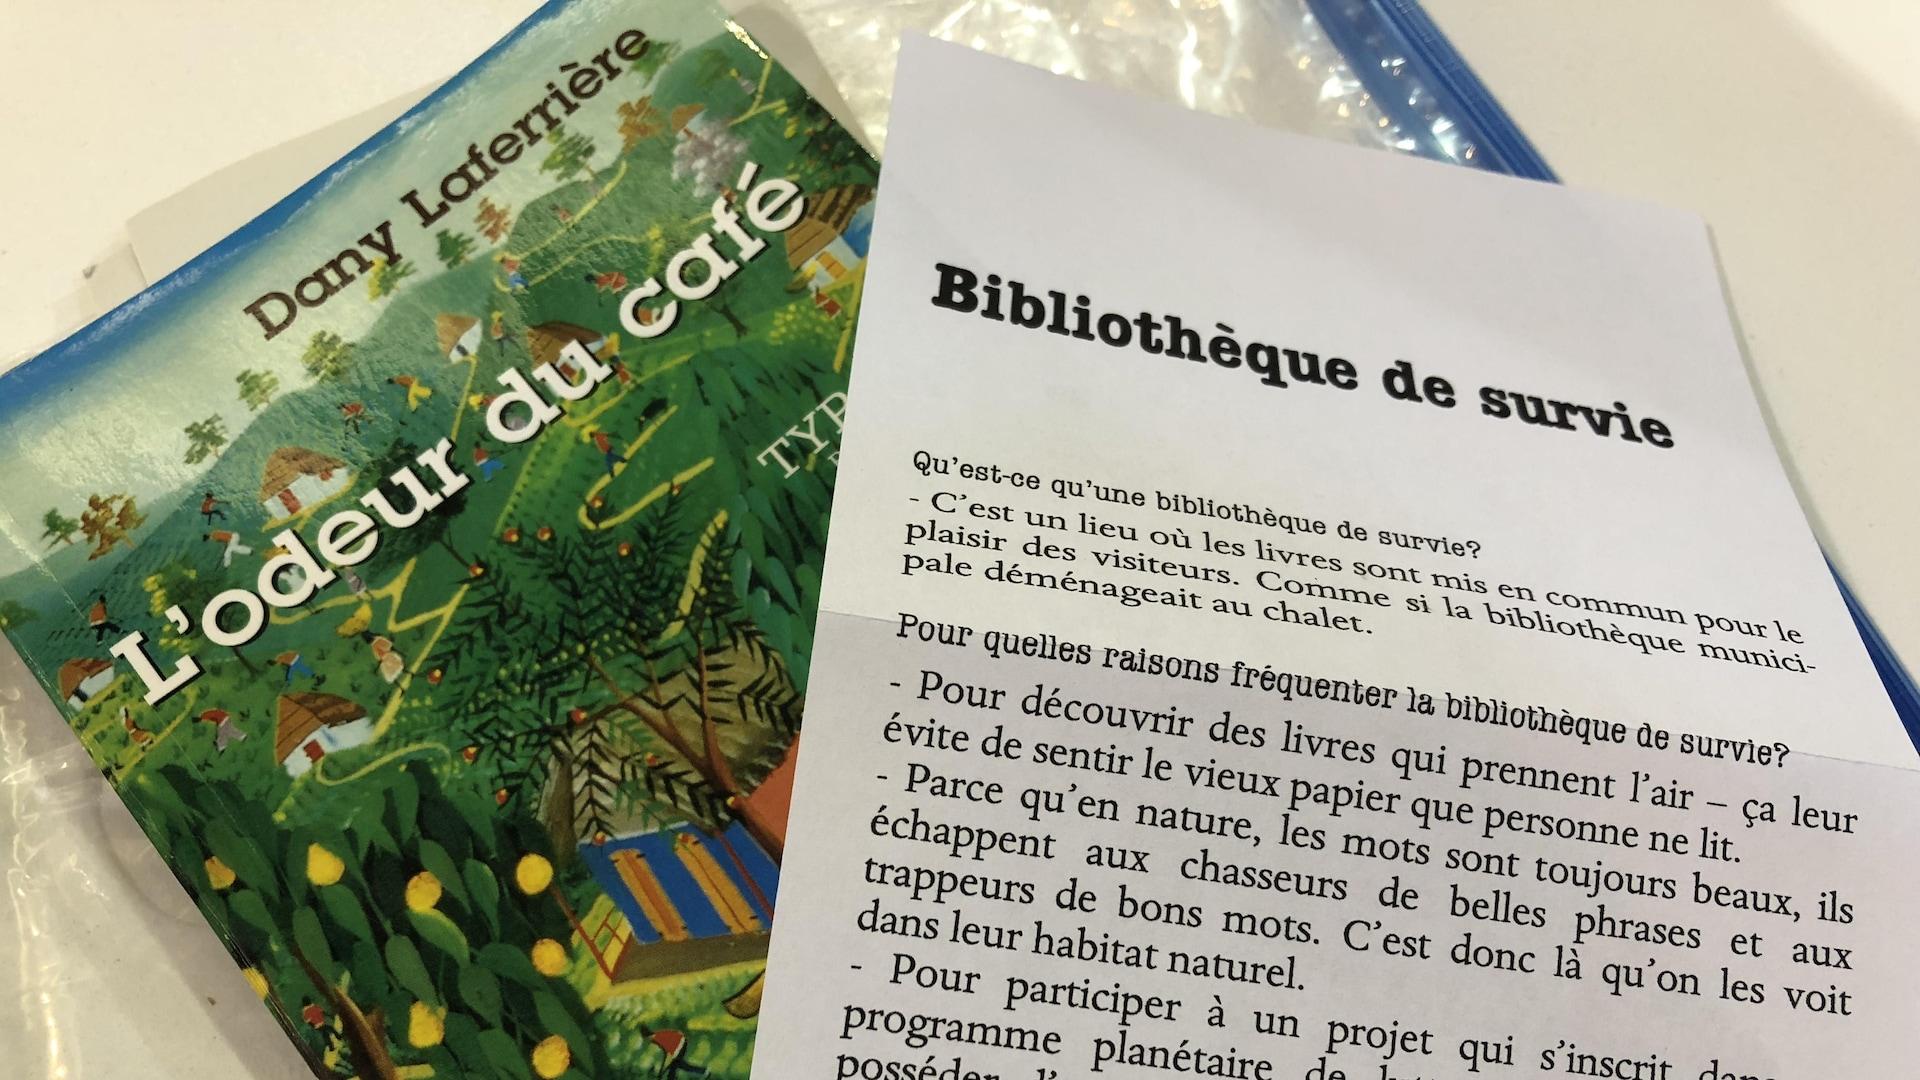 Livre de Dany Laferrière et un document explicatif au sujet des bibliothèques de survie